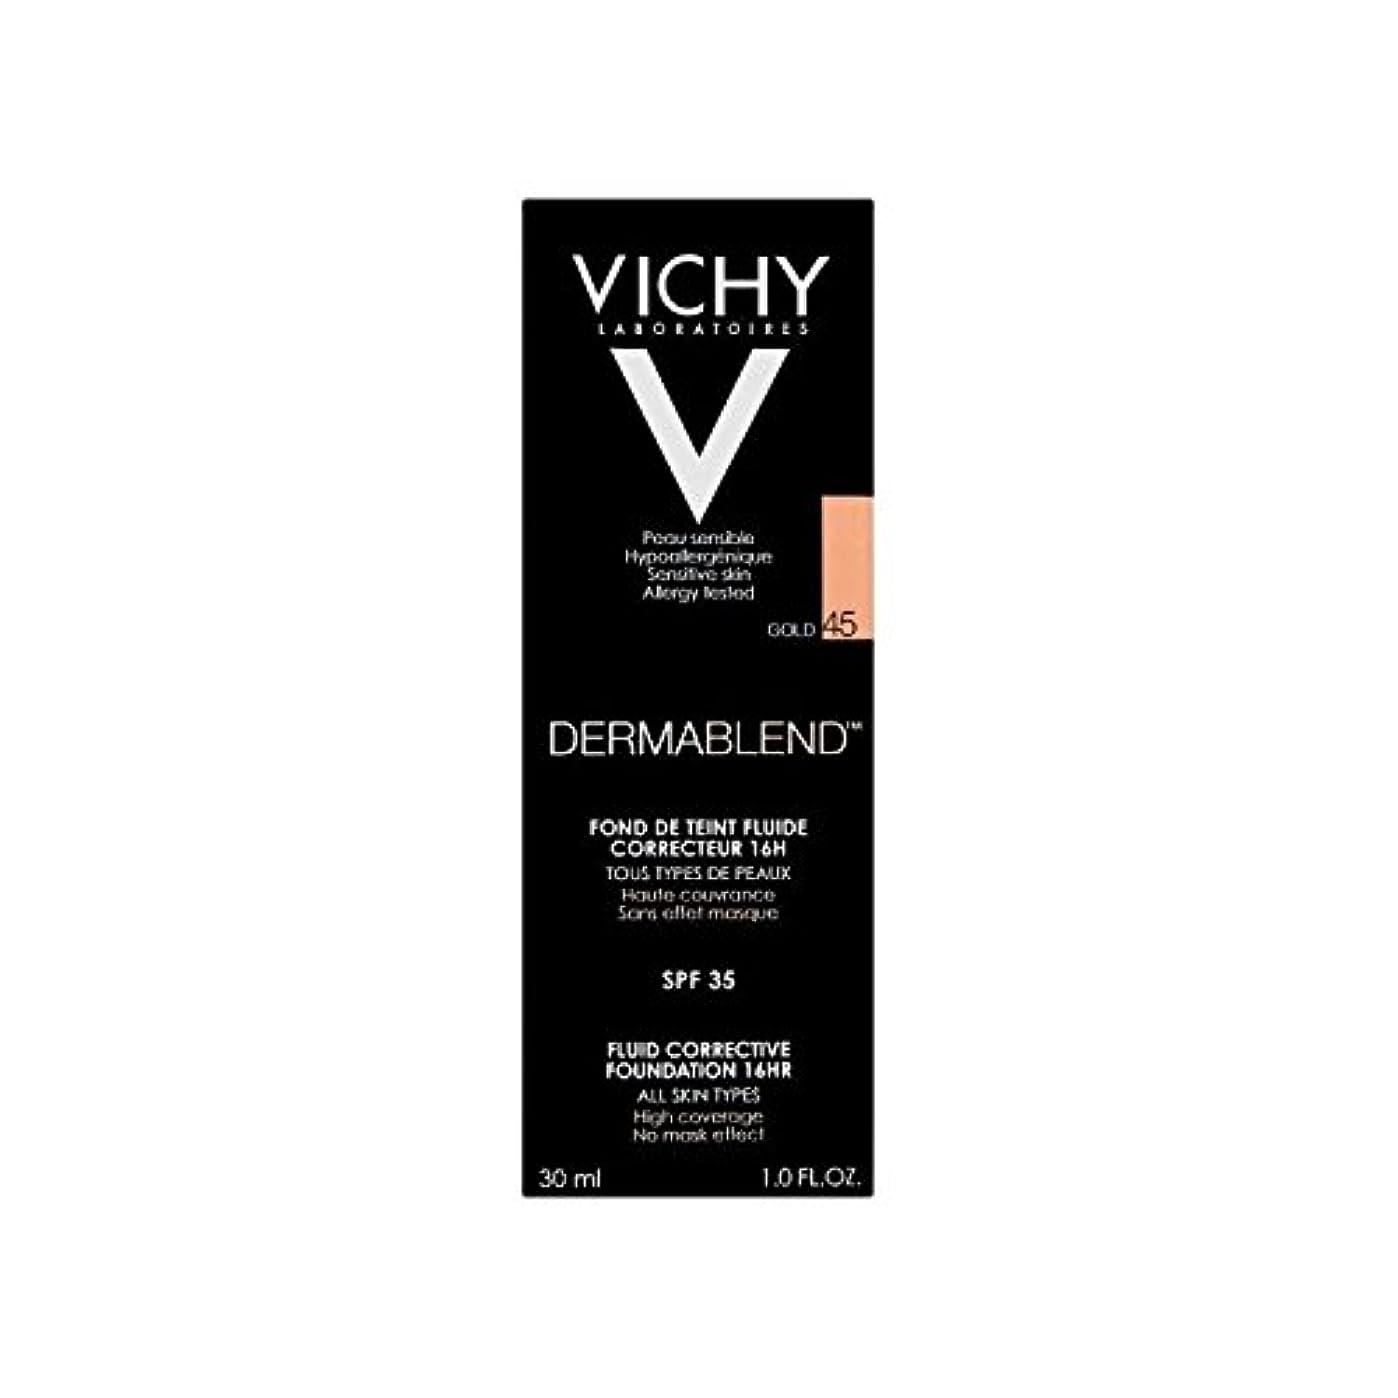 夫イースター冷淡なヴィシー是正流体の基礎30ミリリットル金45 x2 - Vichy Dermablend Corrective Fluid Foundation 30ml Gold 45 (Pack of 2) [並行輸入品]